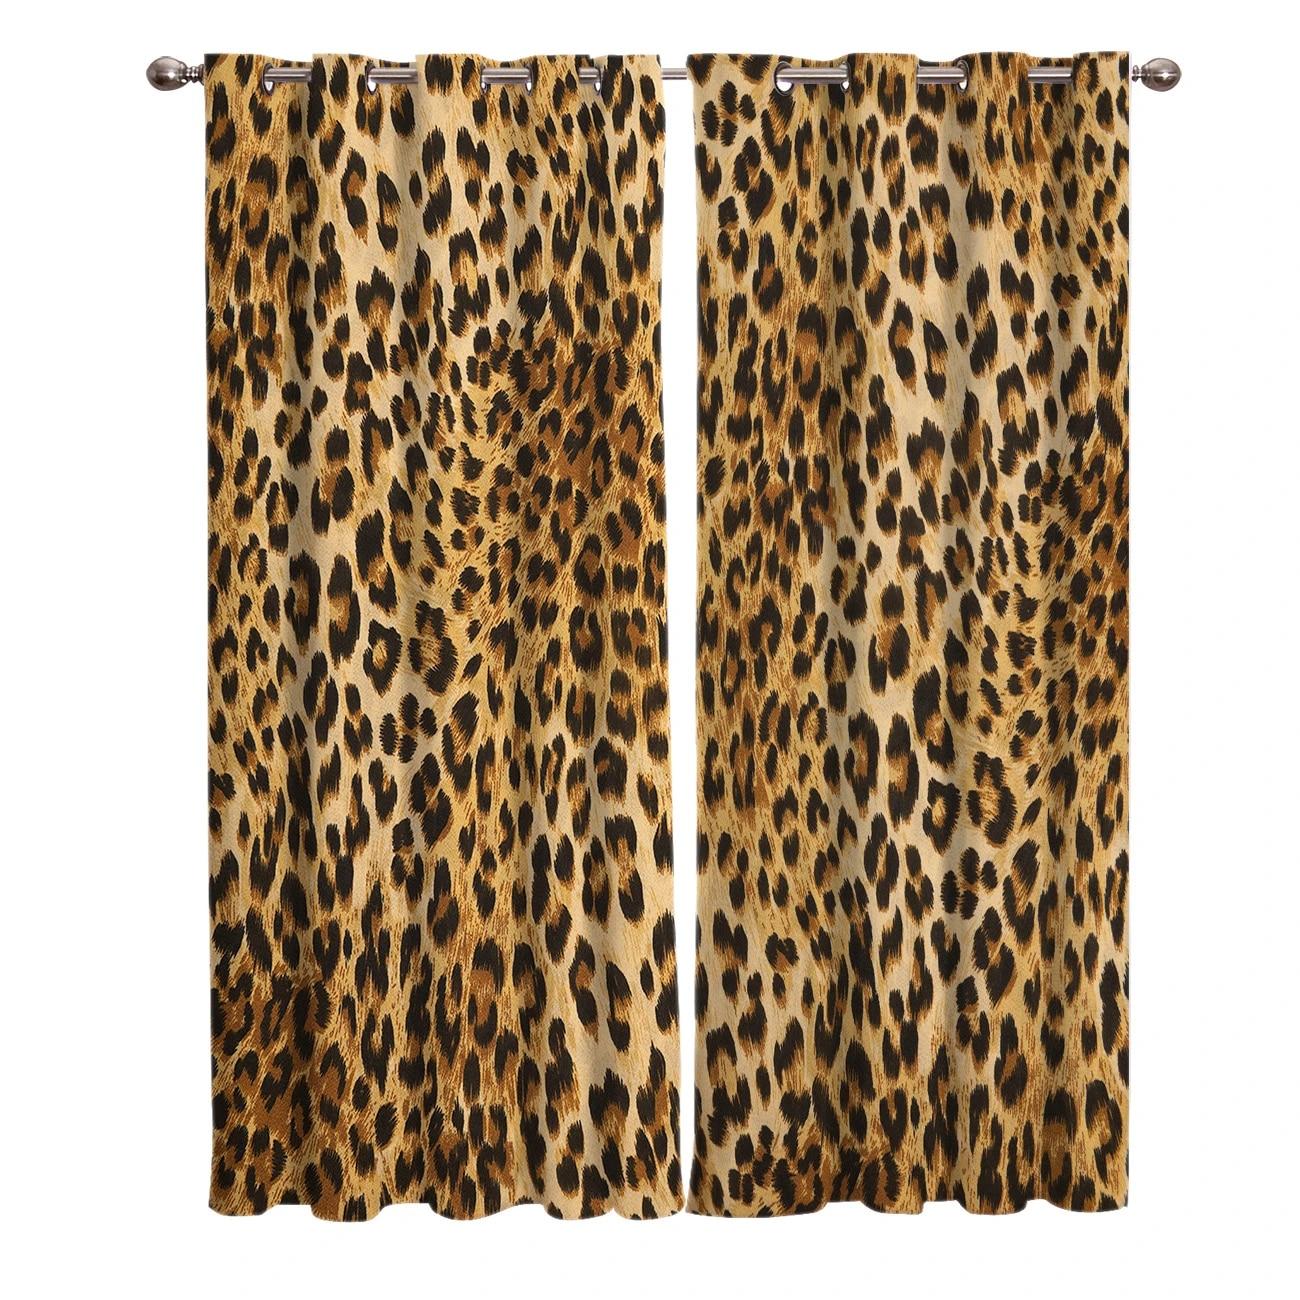 rideaux de chambre leopard sauvages pour grande fenetre panneaux de decoration d interieur floral pour fenetre de chambre a coucher cuisine